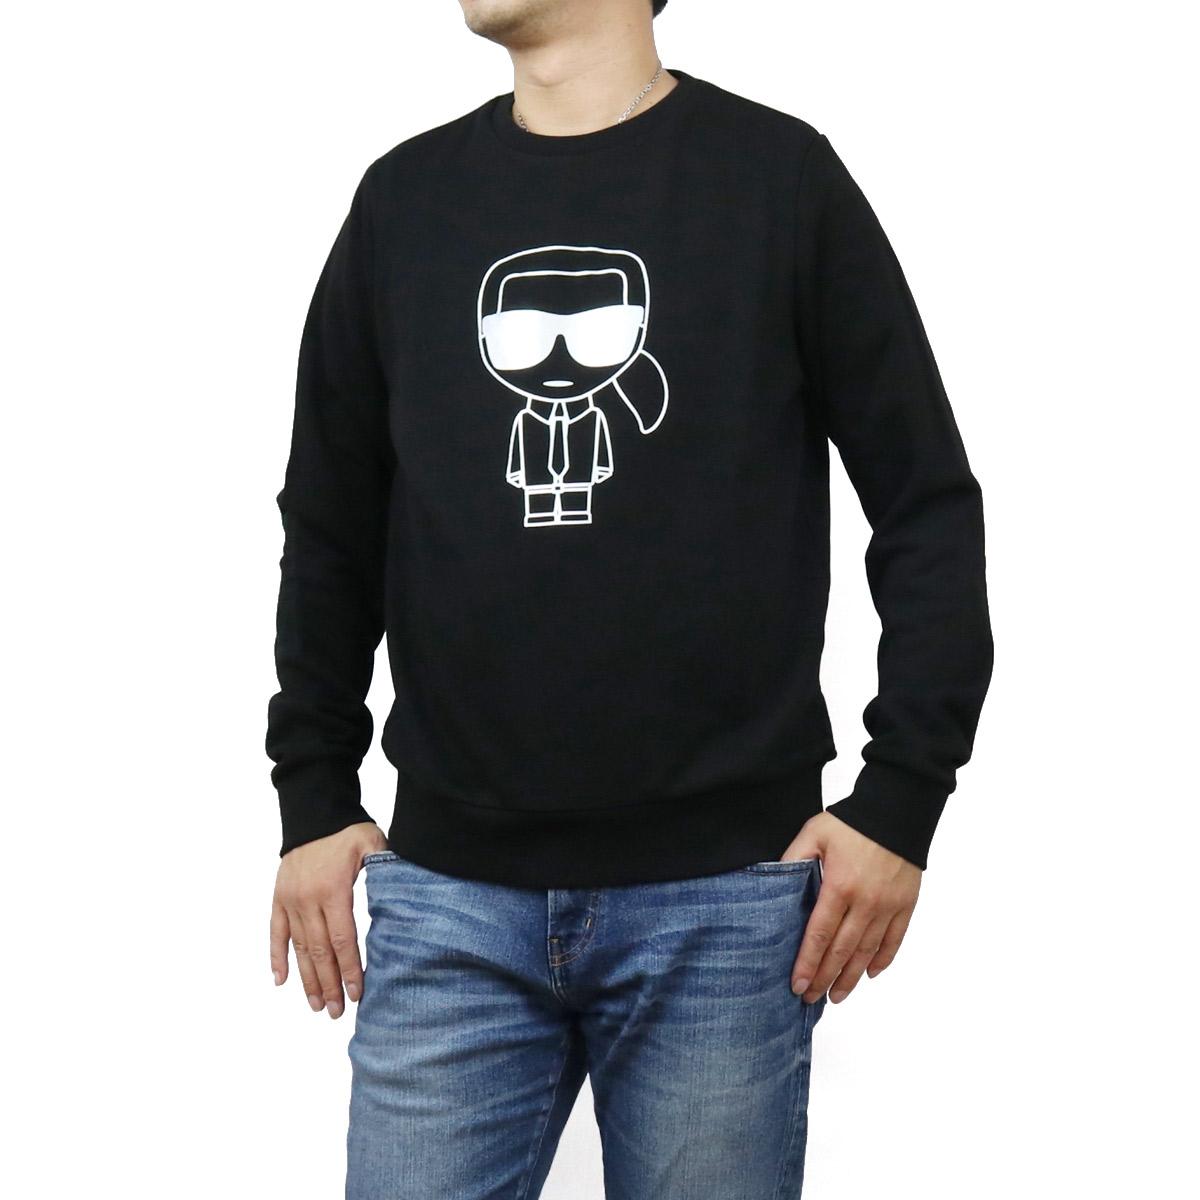 カール・ラガーフェルド Karl Lagerfeld メンズ-トレーナー スウェット IKONIK 705035 502900 990 BLACK ブラック メンズ bos-12 apparel-01